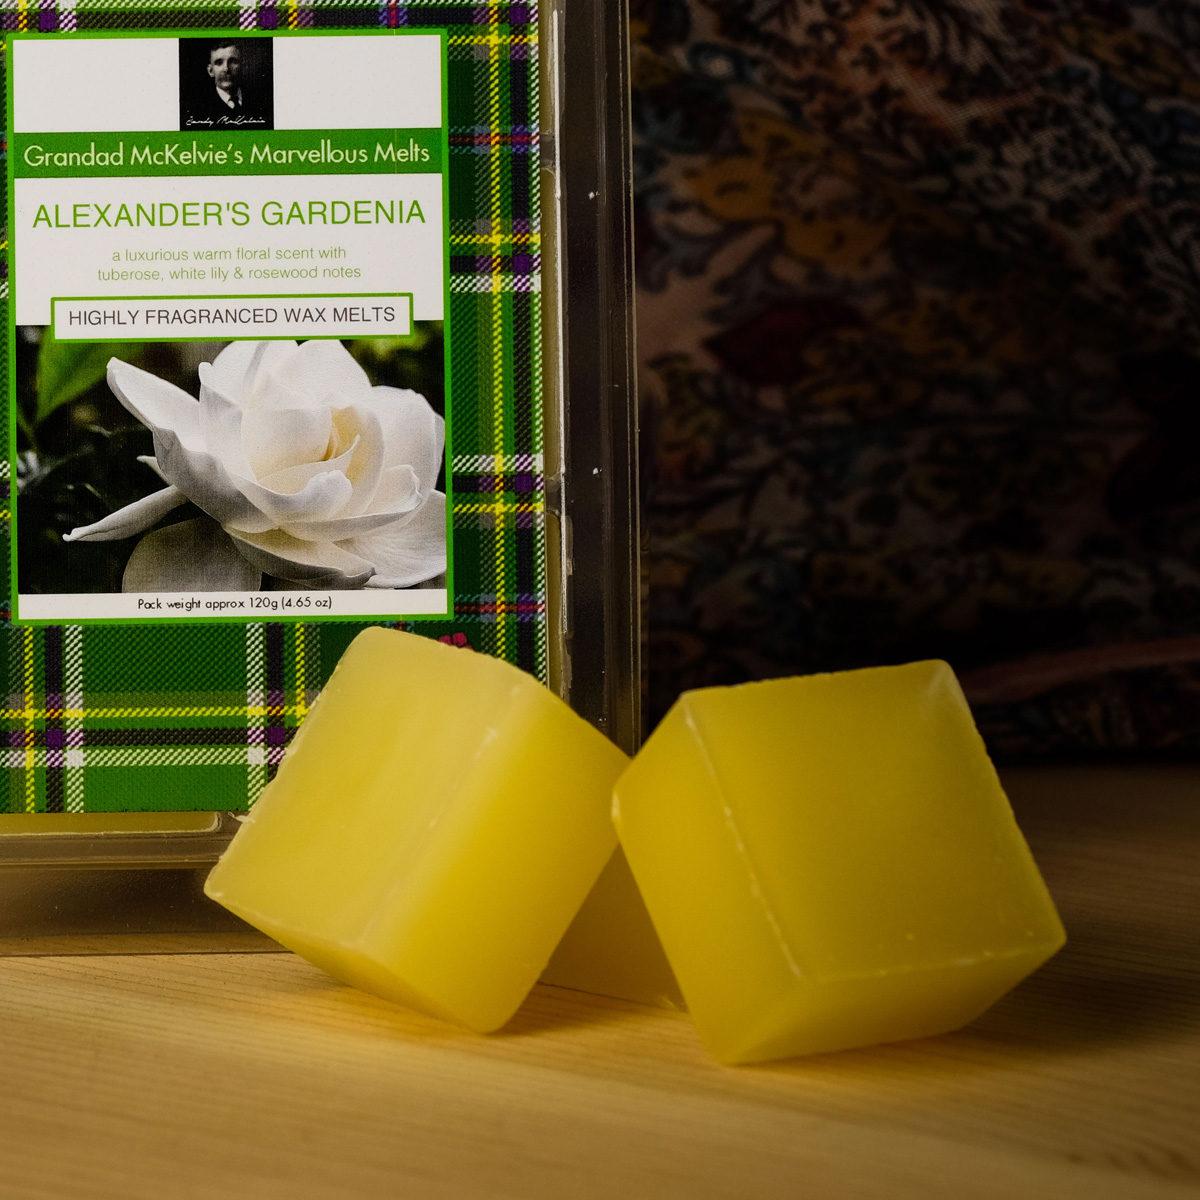 Alexander's Gardenia Wax Melts